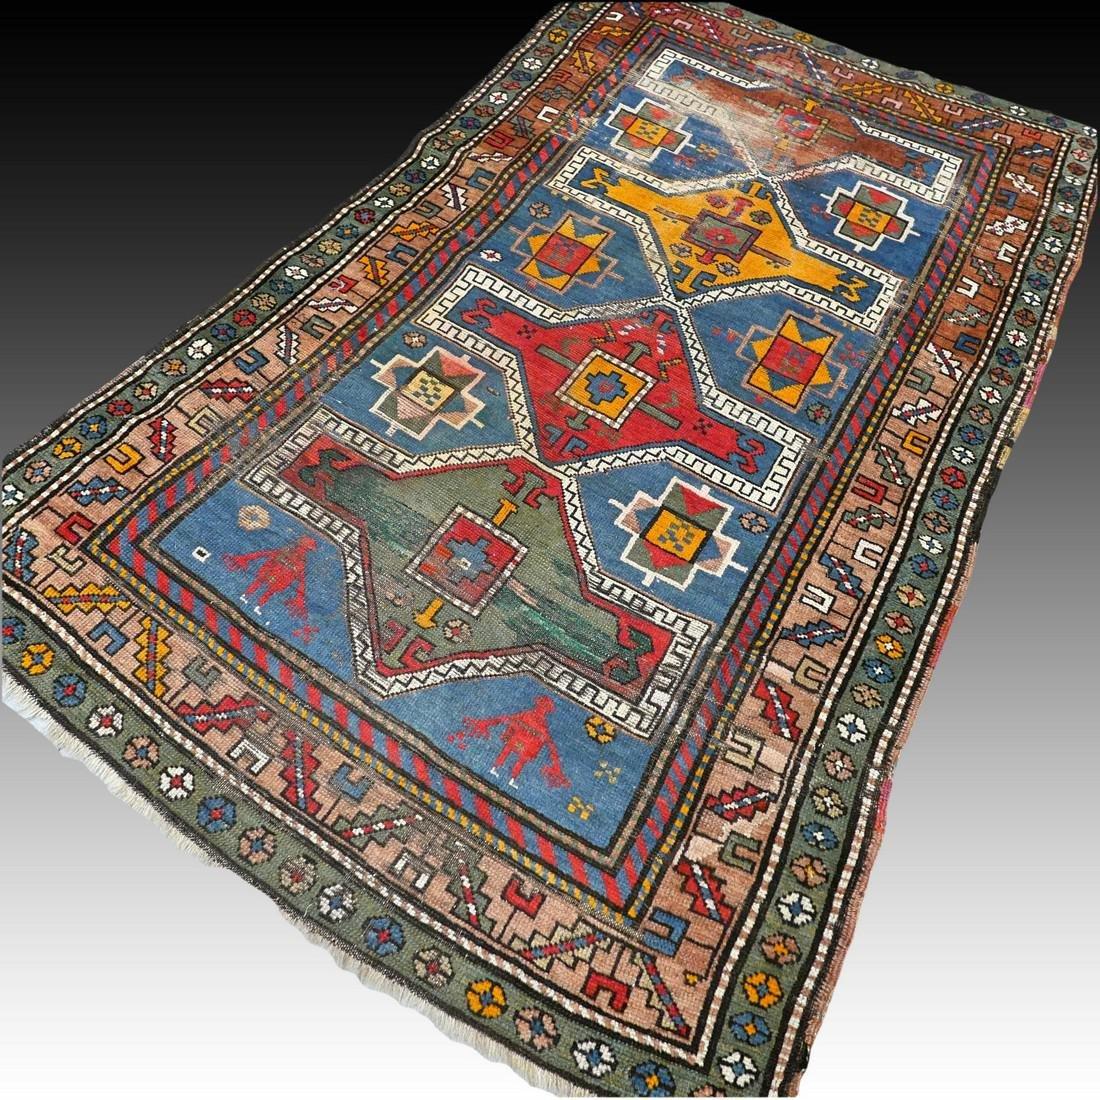 Antique Caucasian Kazak rug - 5.9 x 3.5 - collectors - 2